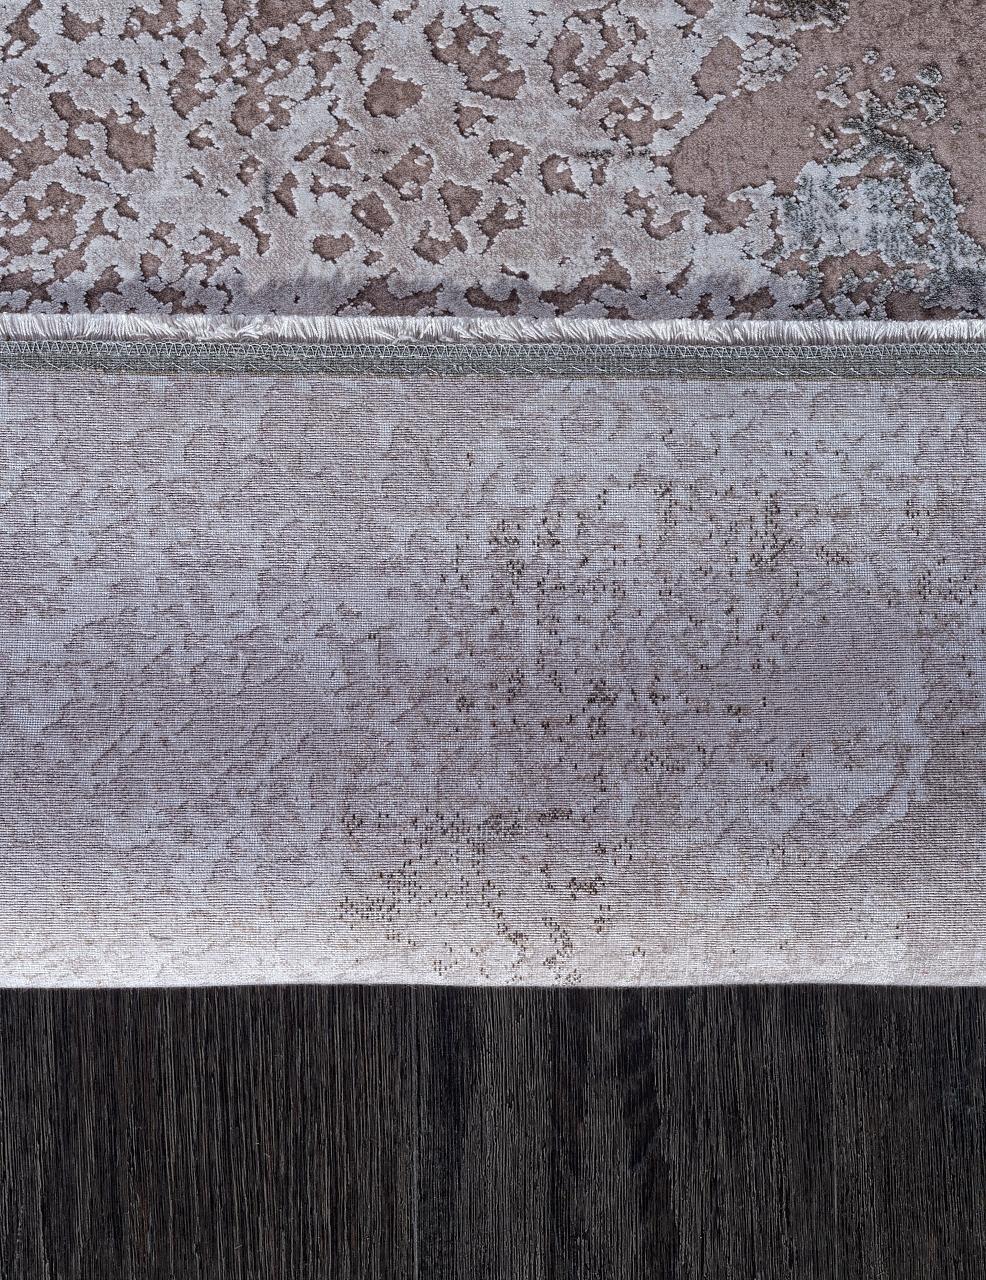 Ковер 19169 - 070 BEIGE - Прямоугольник - коллекция CREANTE - фото 5